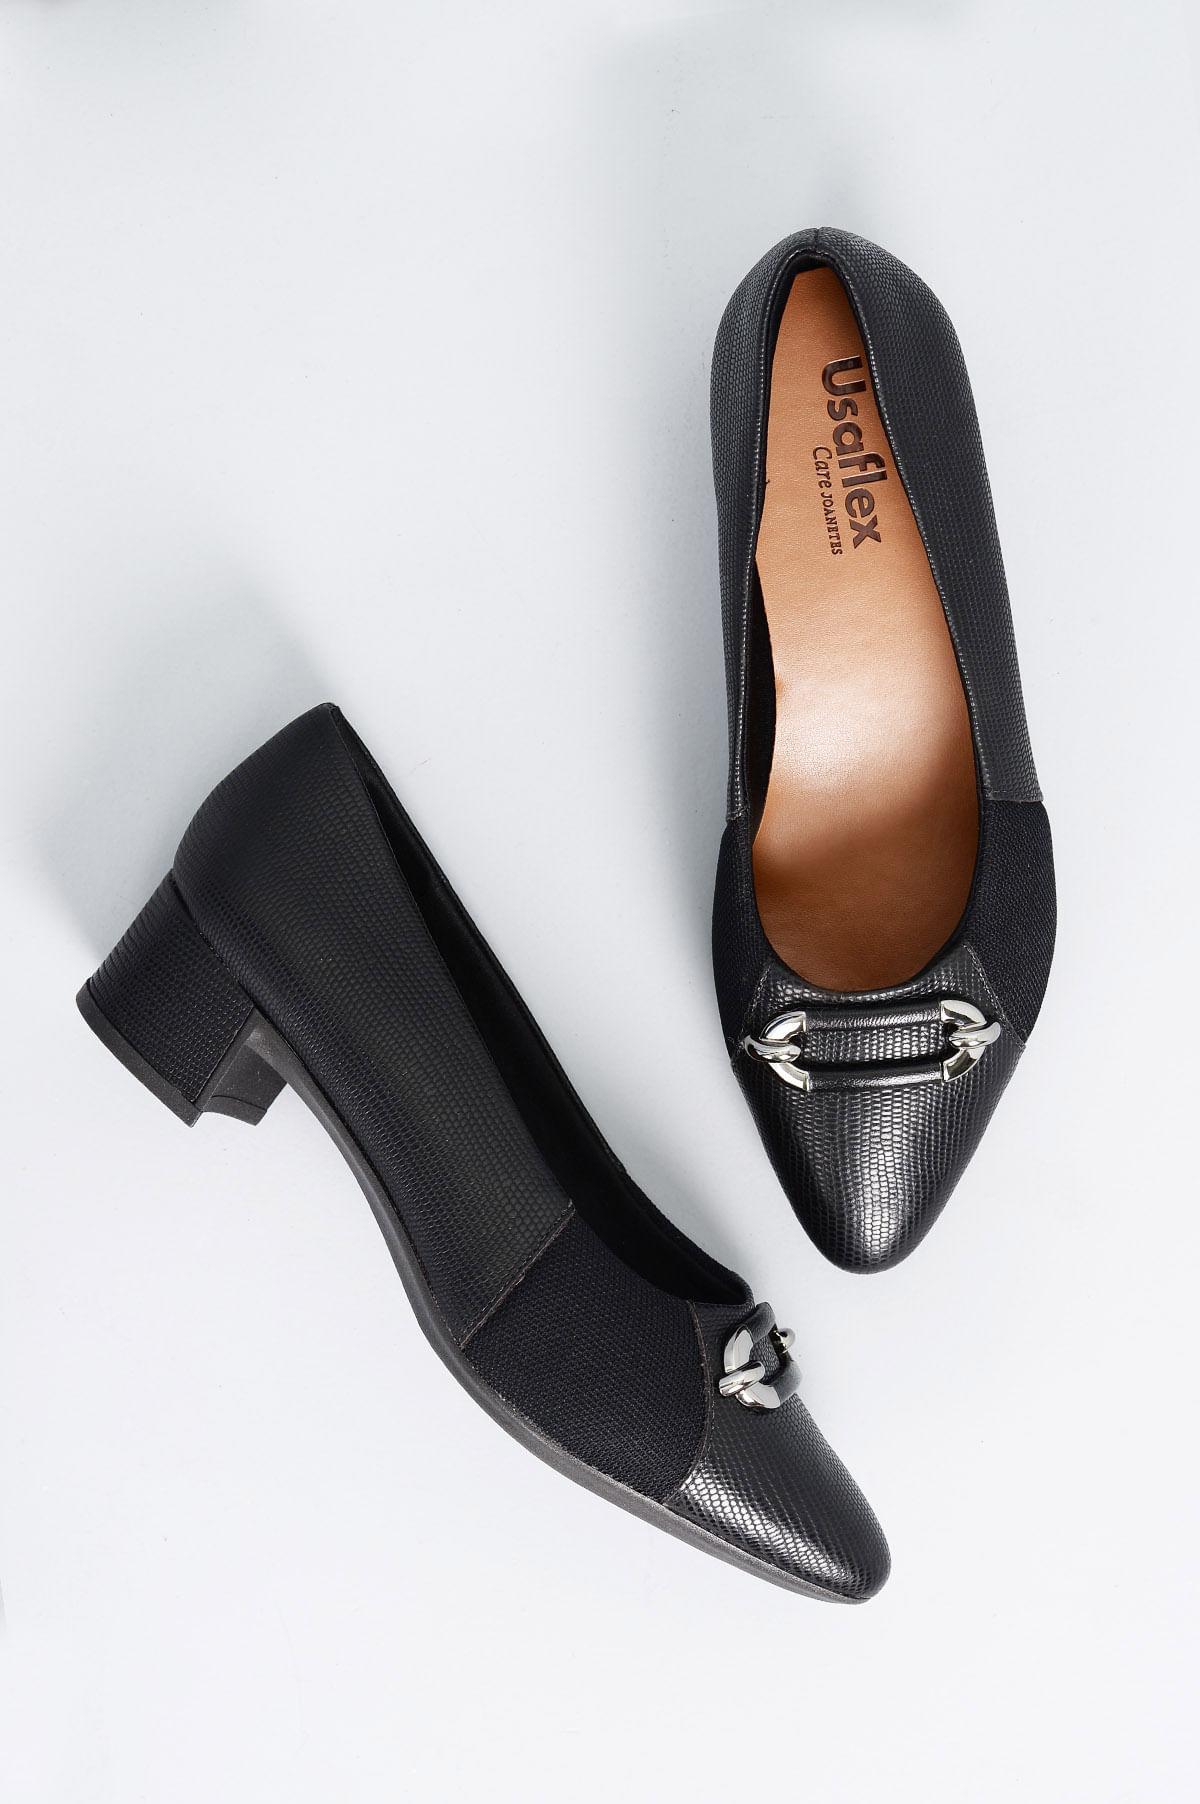 eeba6b385 Sapato Feminino Salto Baixo Pagie Usaflex CR-PRETO - Mundial Calçados